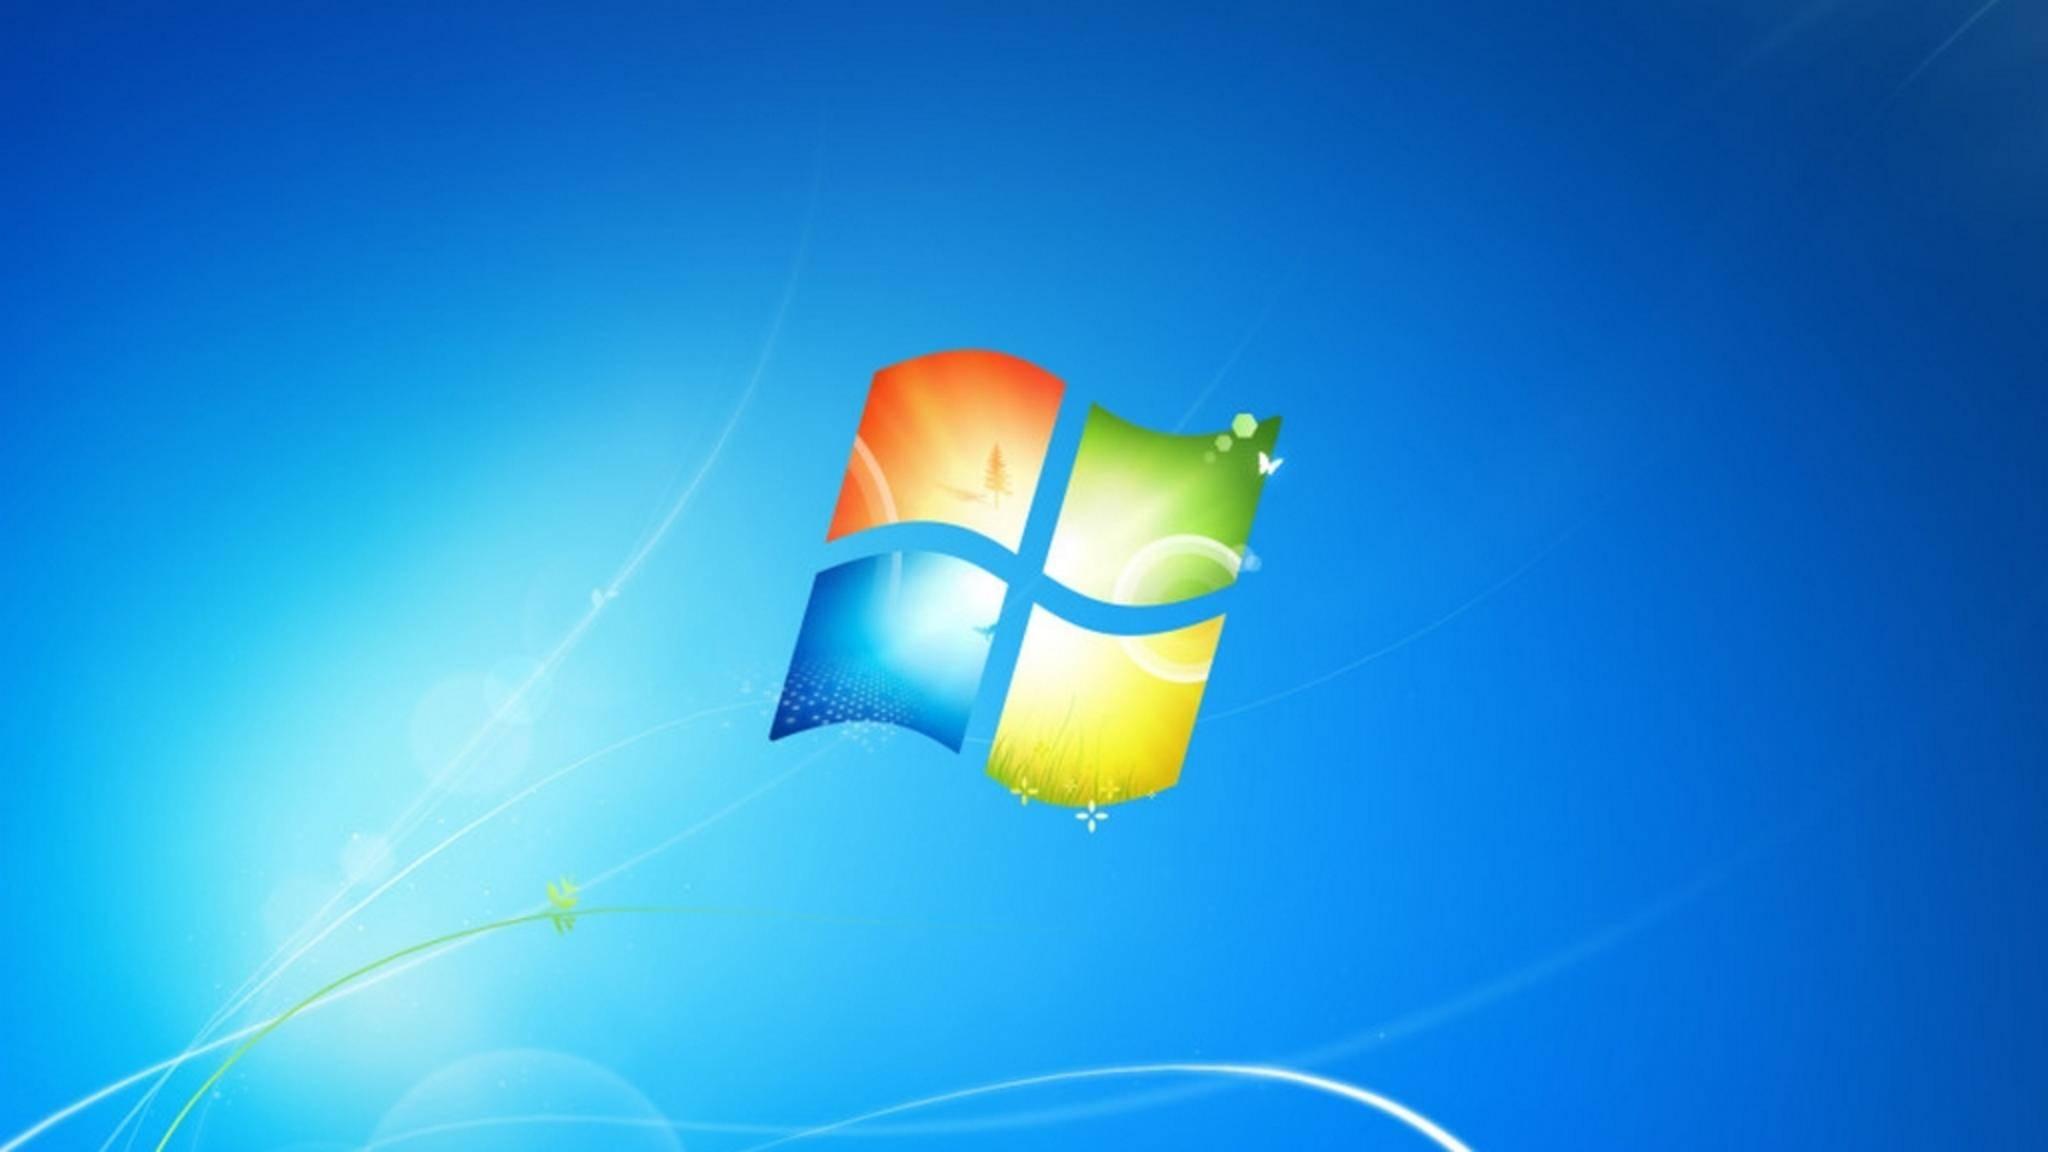 Windows 7 ist aus gutem Grund so beliebt.